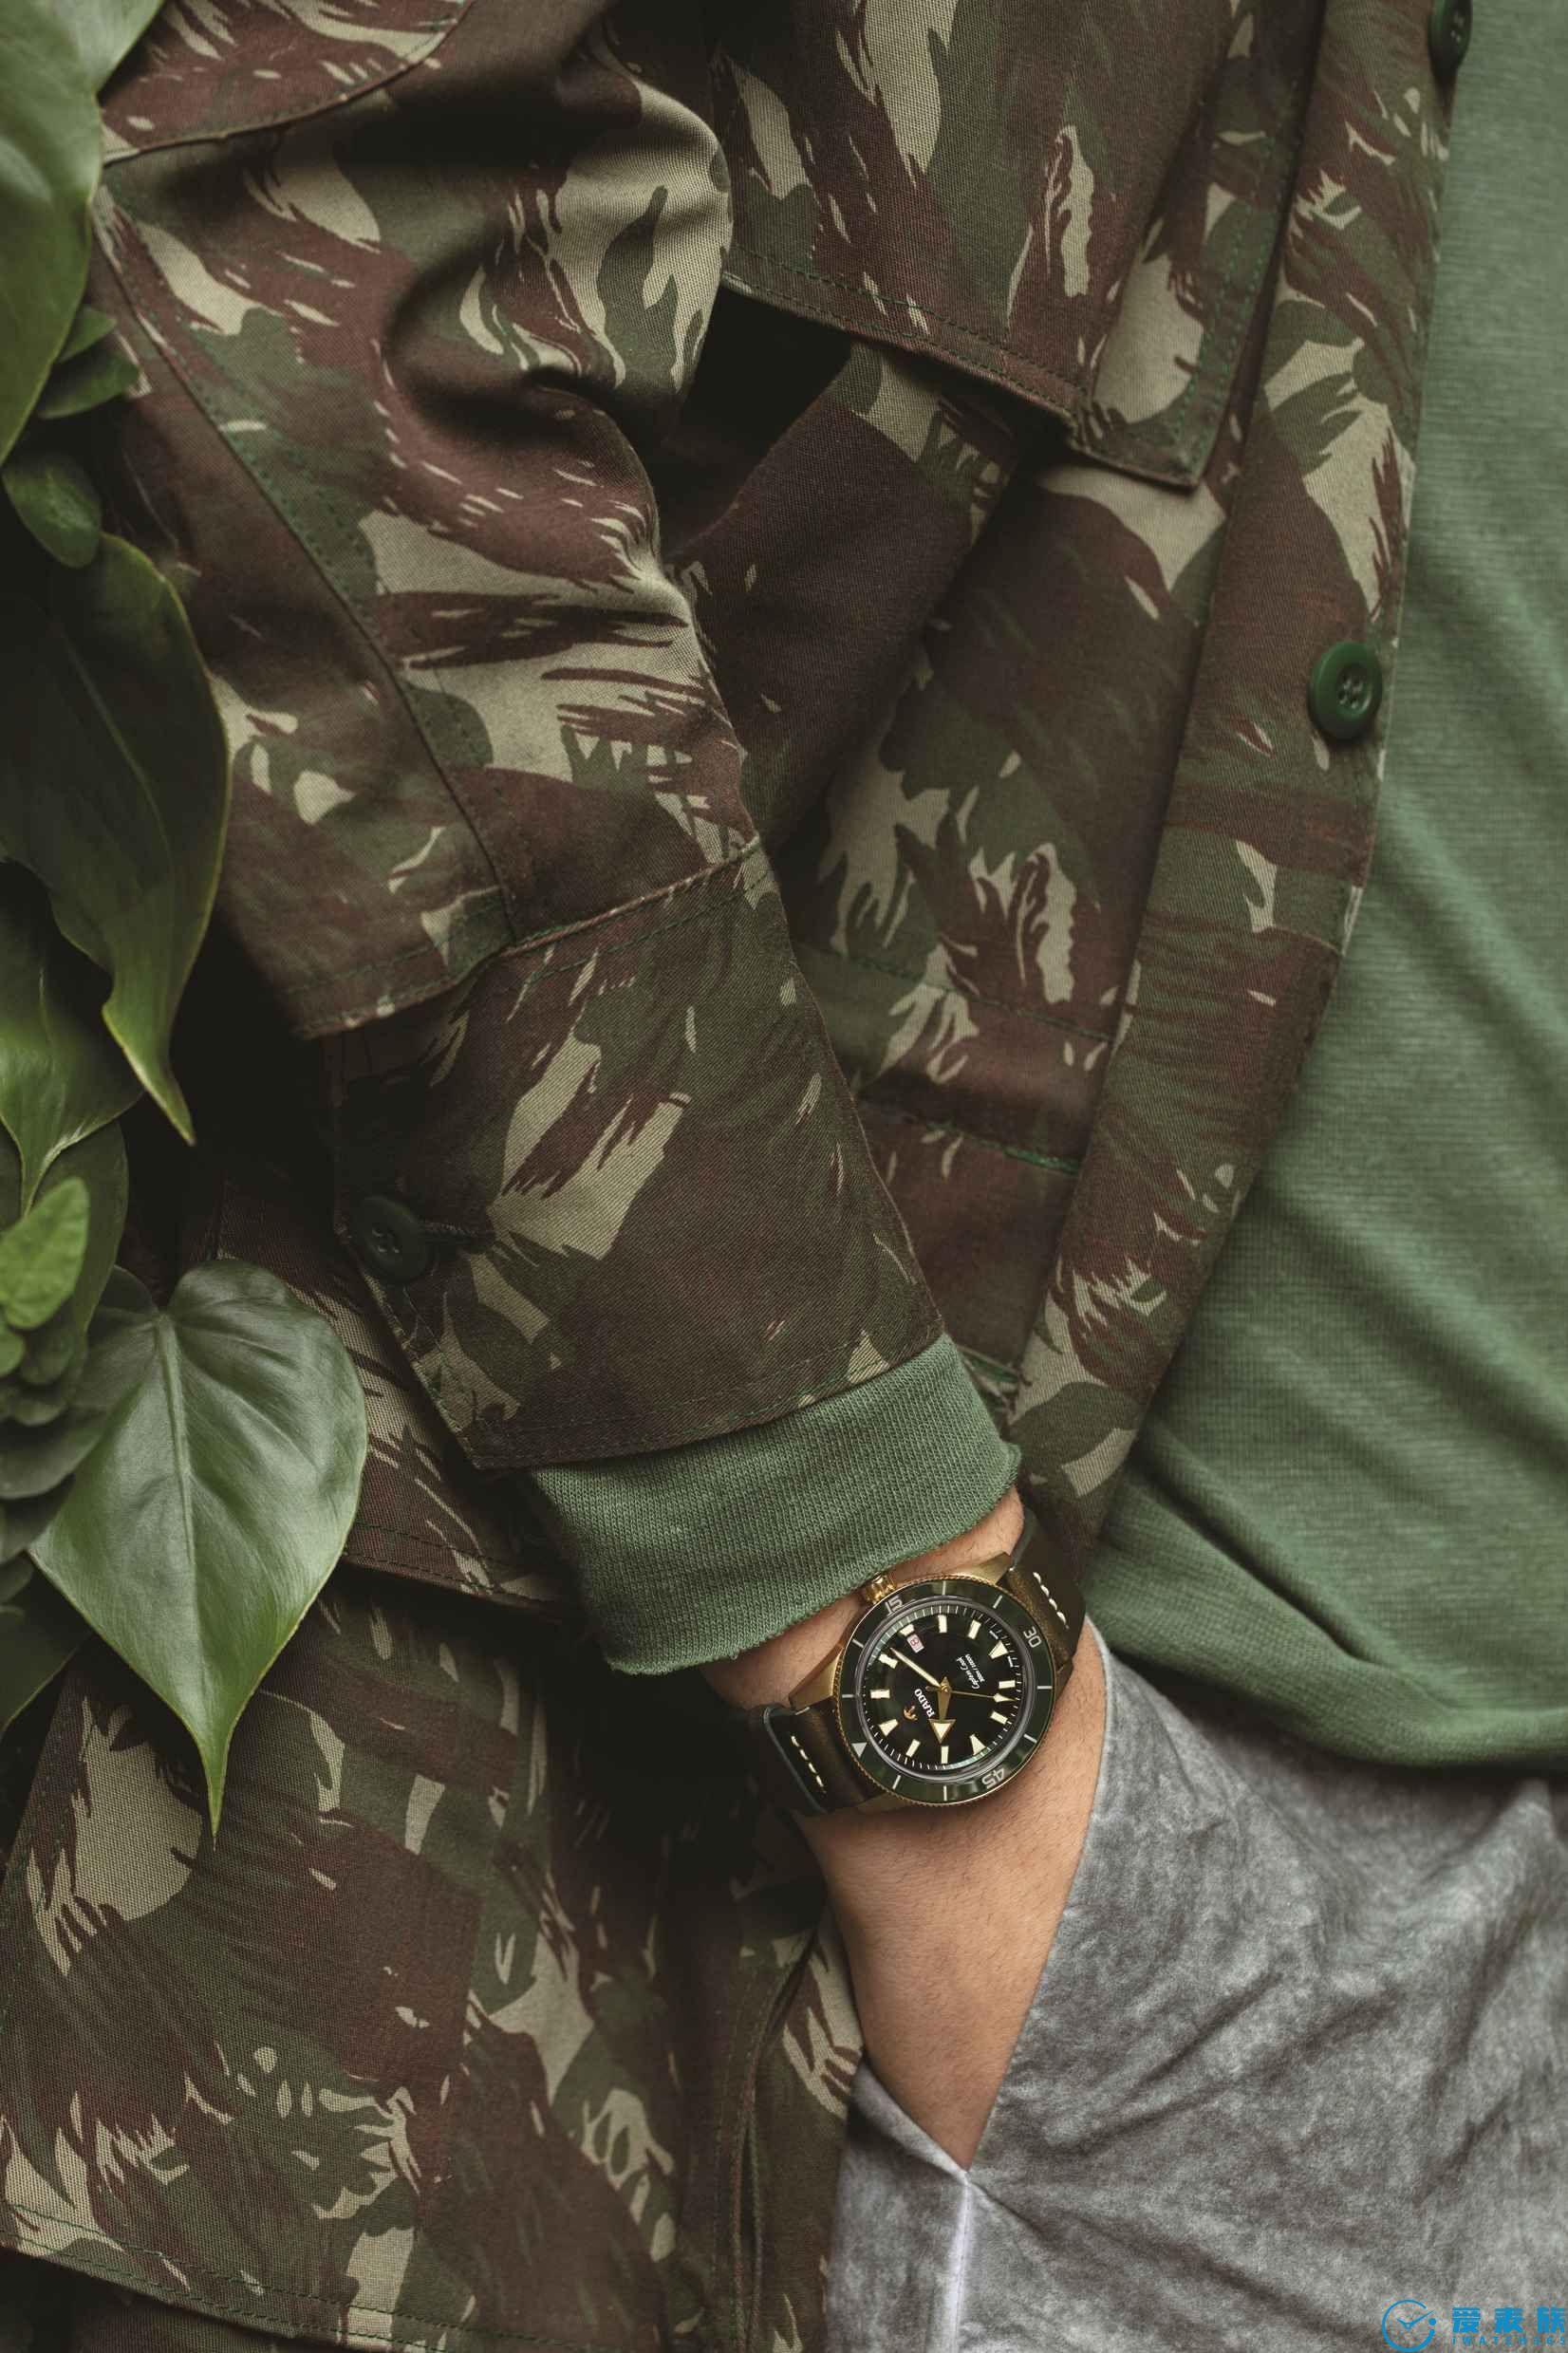 感知真我!青铜俊仕 Rado瑞士雷达表Captain Cook库克船长自动机械青铜腕表